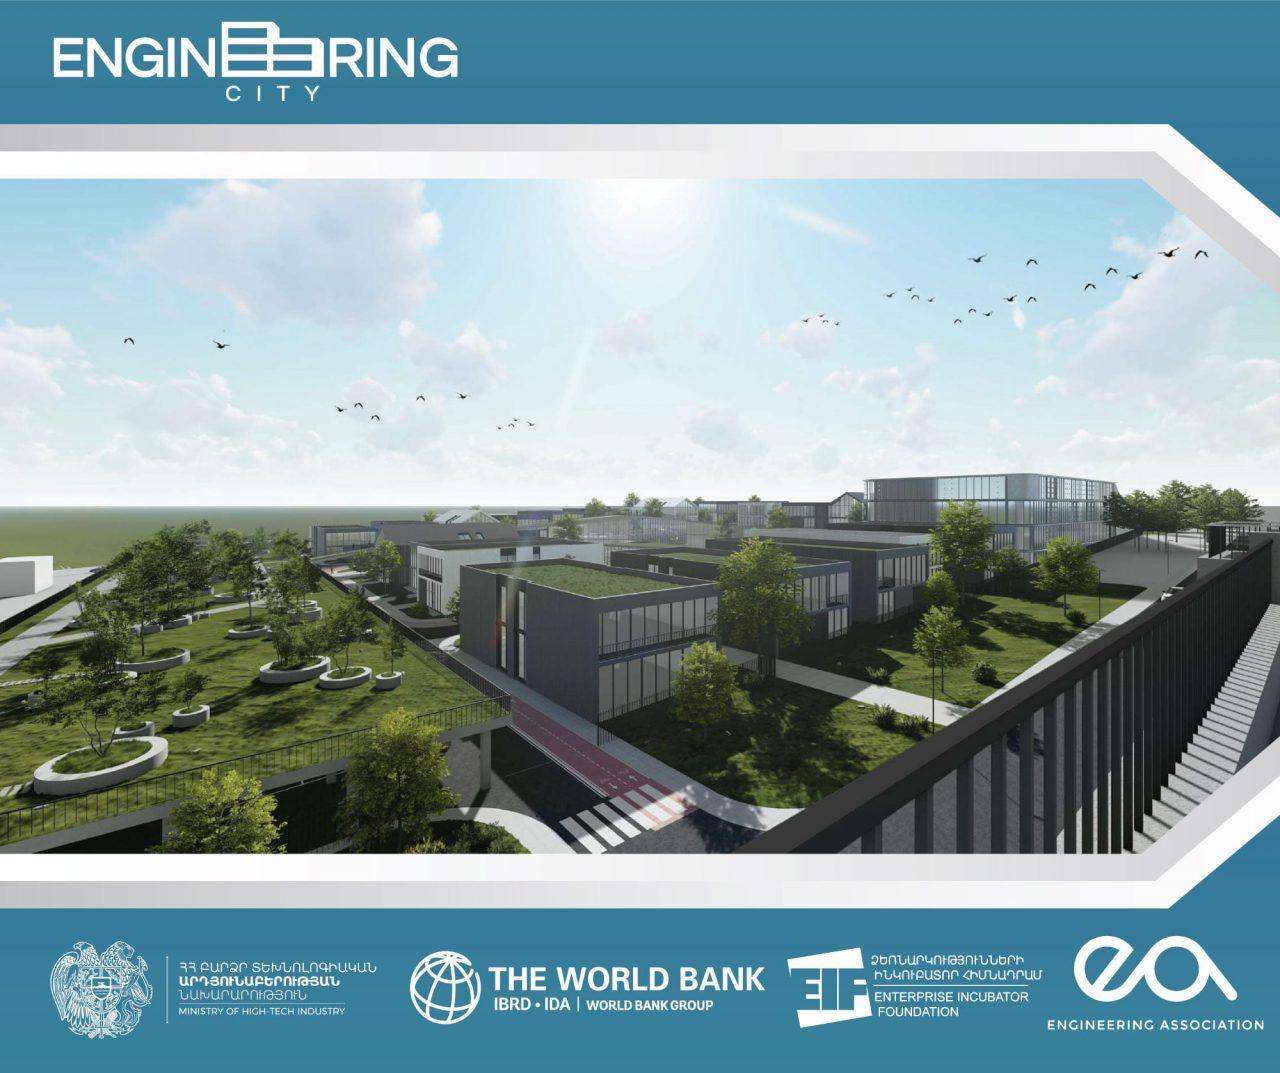 «Ինժեներական քաղաքի» ռեզիդենտի կարգավիճակ ձեռք բերելու հնարավորություն են ստացել ինժեներական բարձր տեխնոլոգիաների ոլորտի ընկերությունները